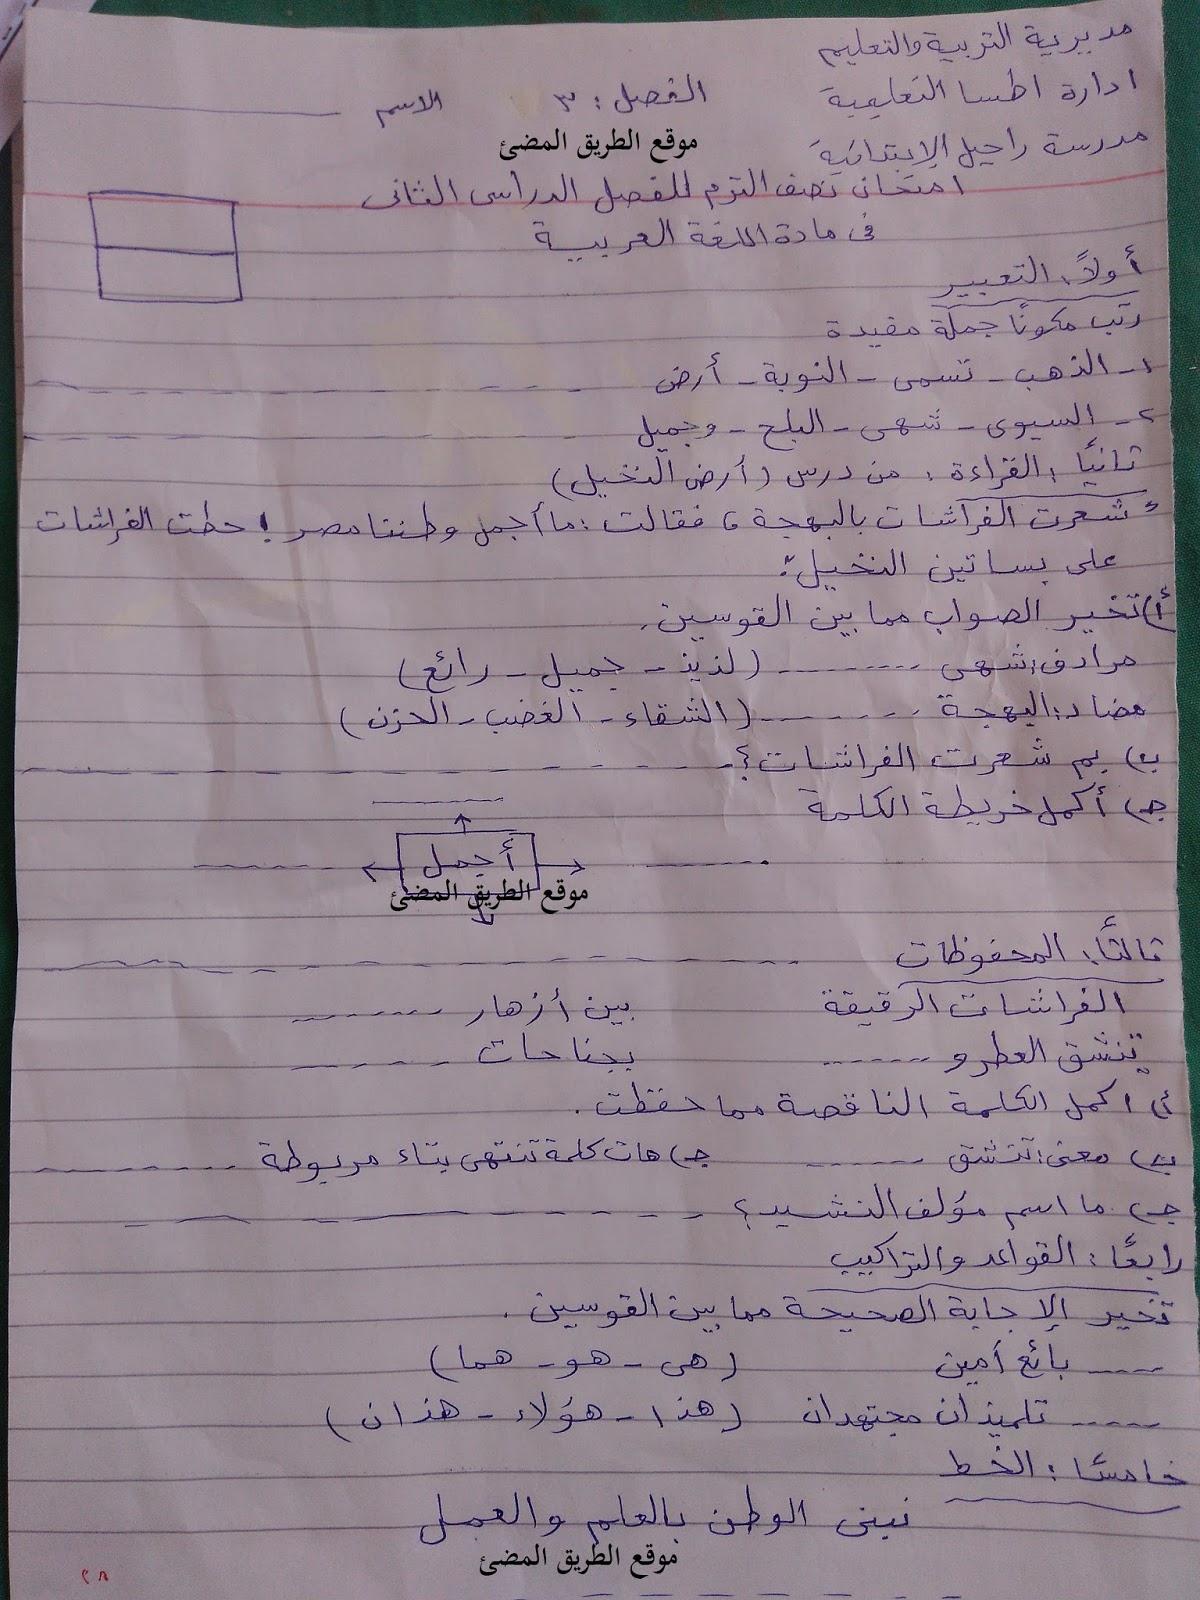 امتحان نصف الترم فى اللغة العربية الصف الثانى الابتدائى الترم الثانى